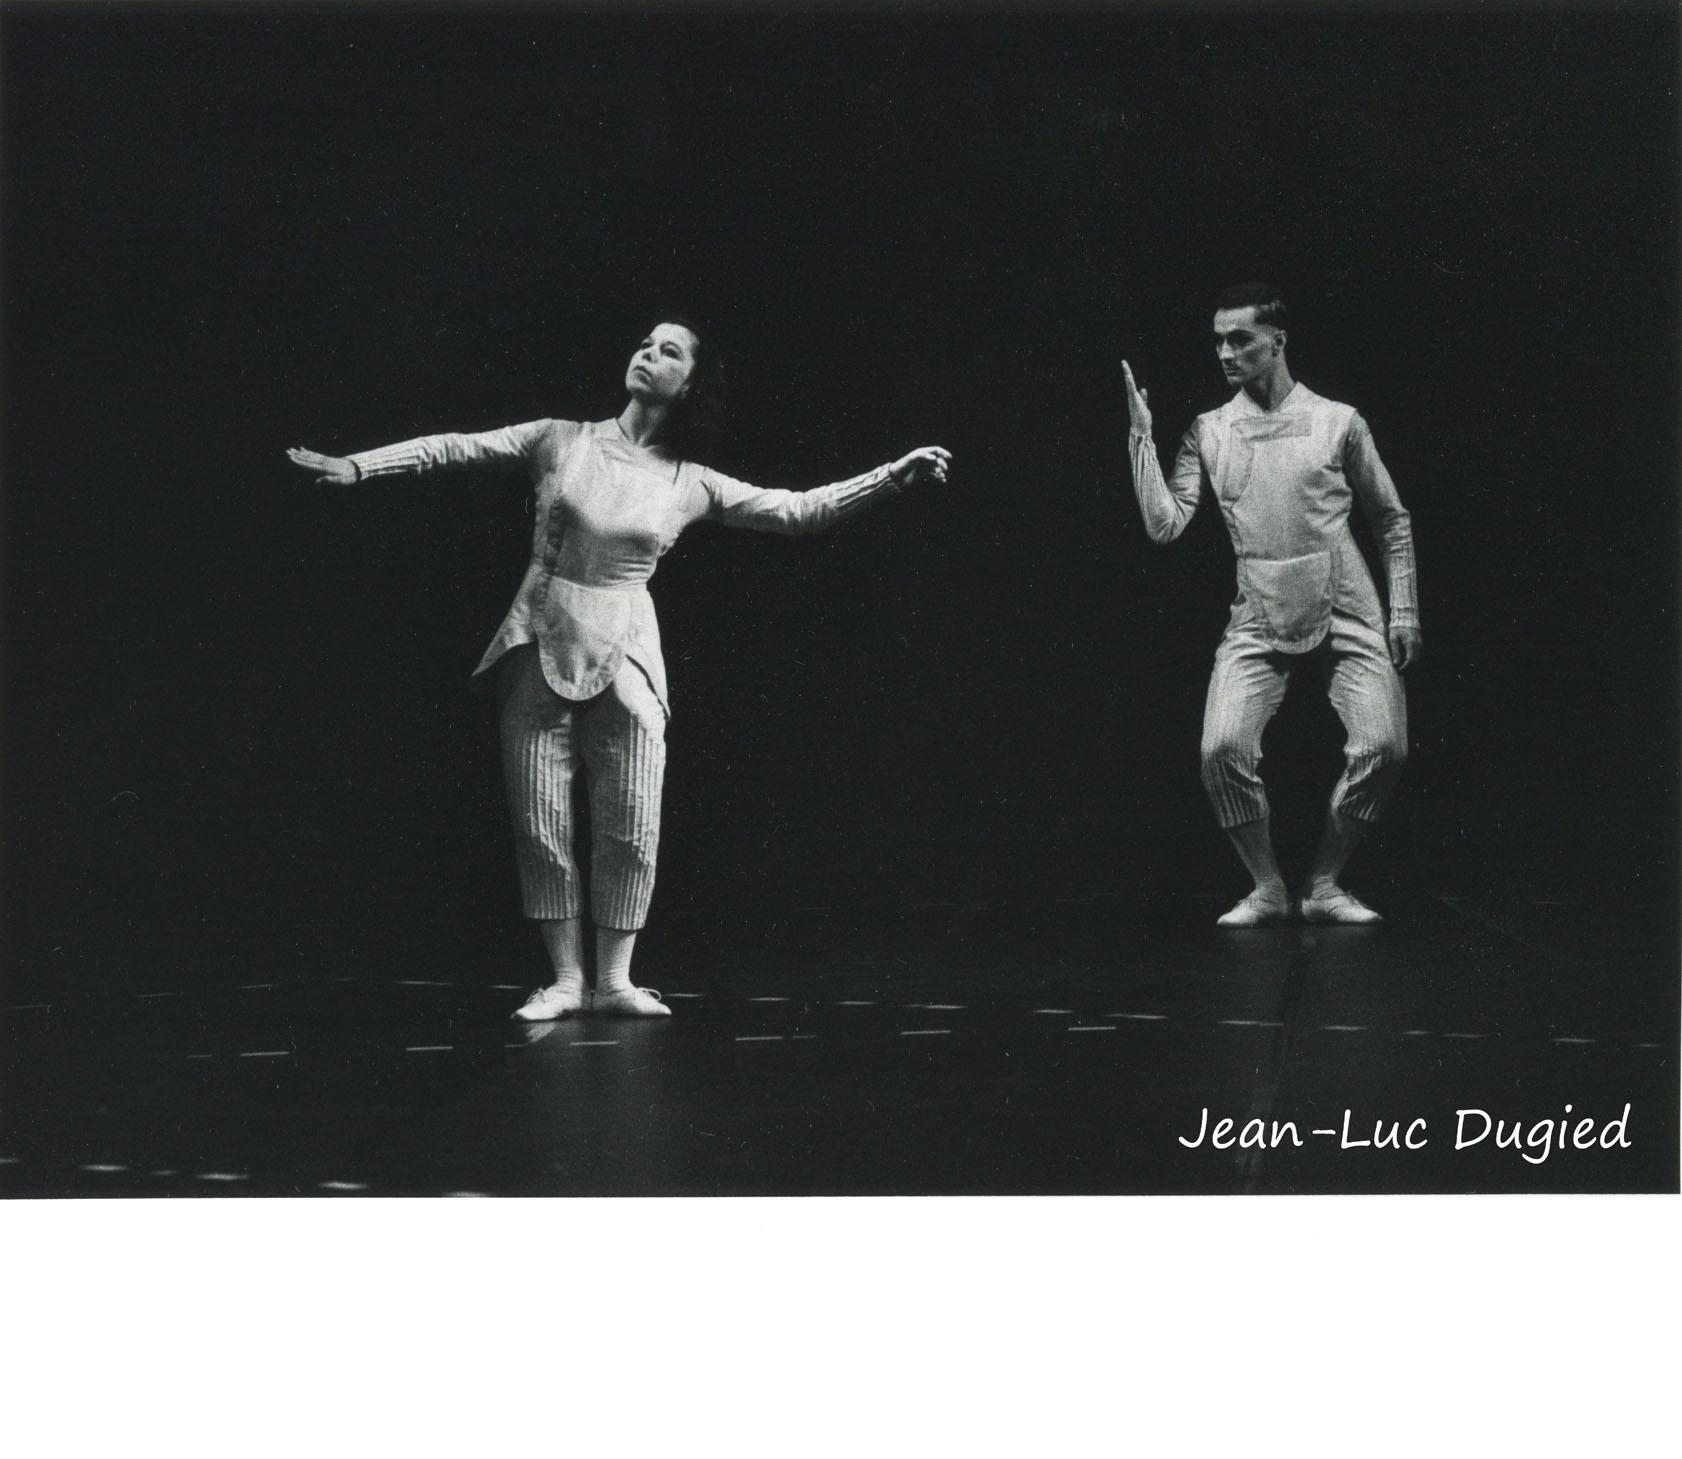 7 Bagouet Dominique - Déserts d'amour - 1984